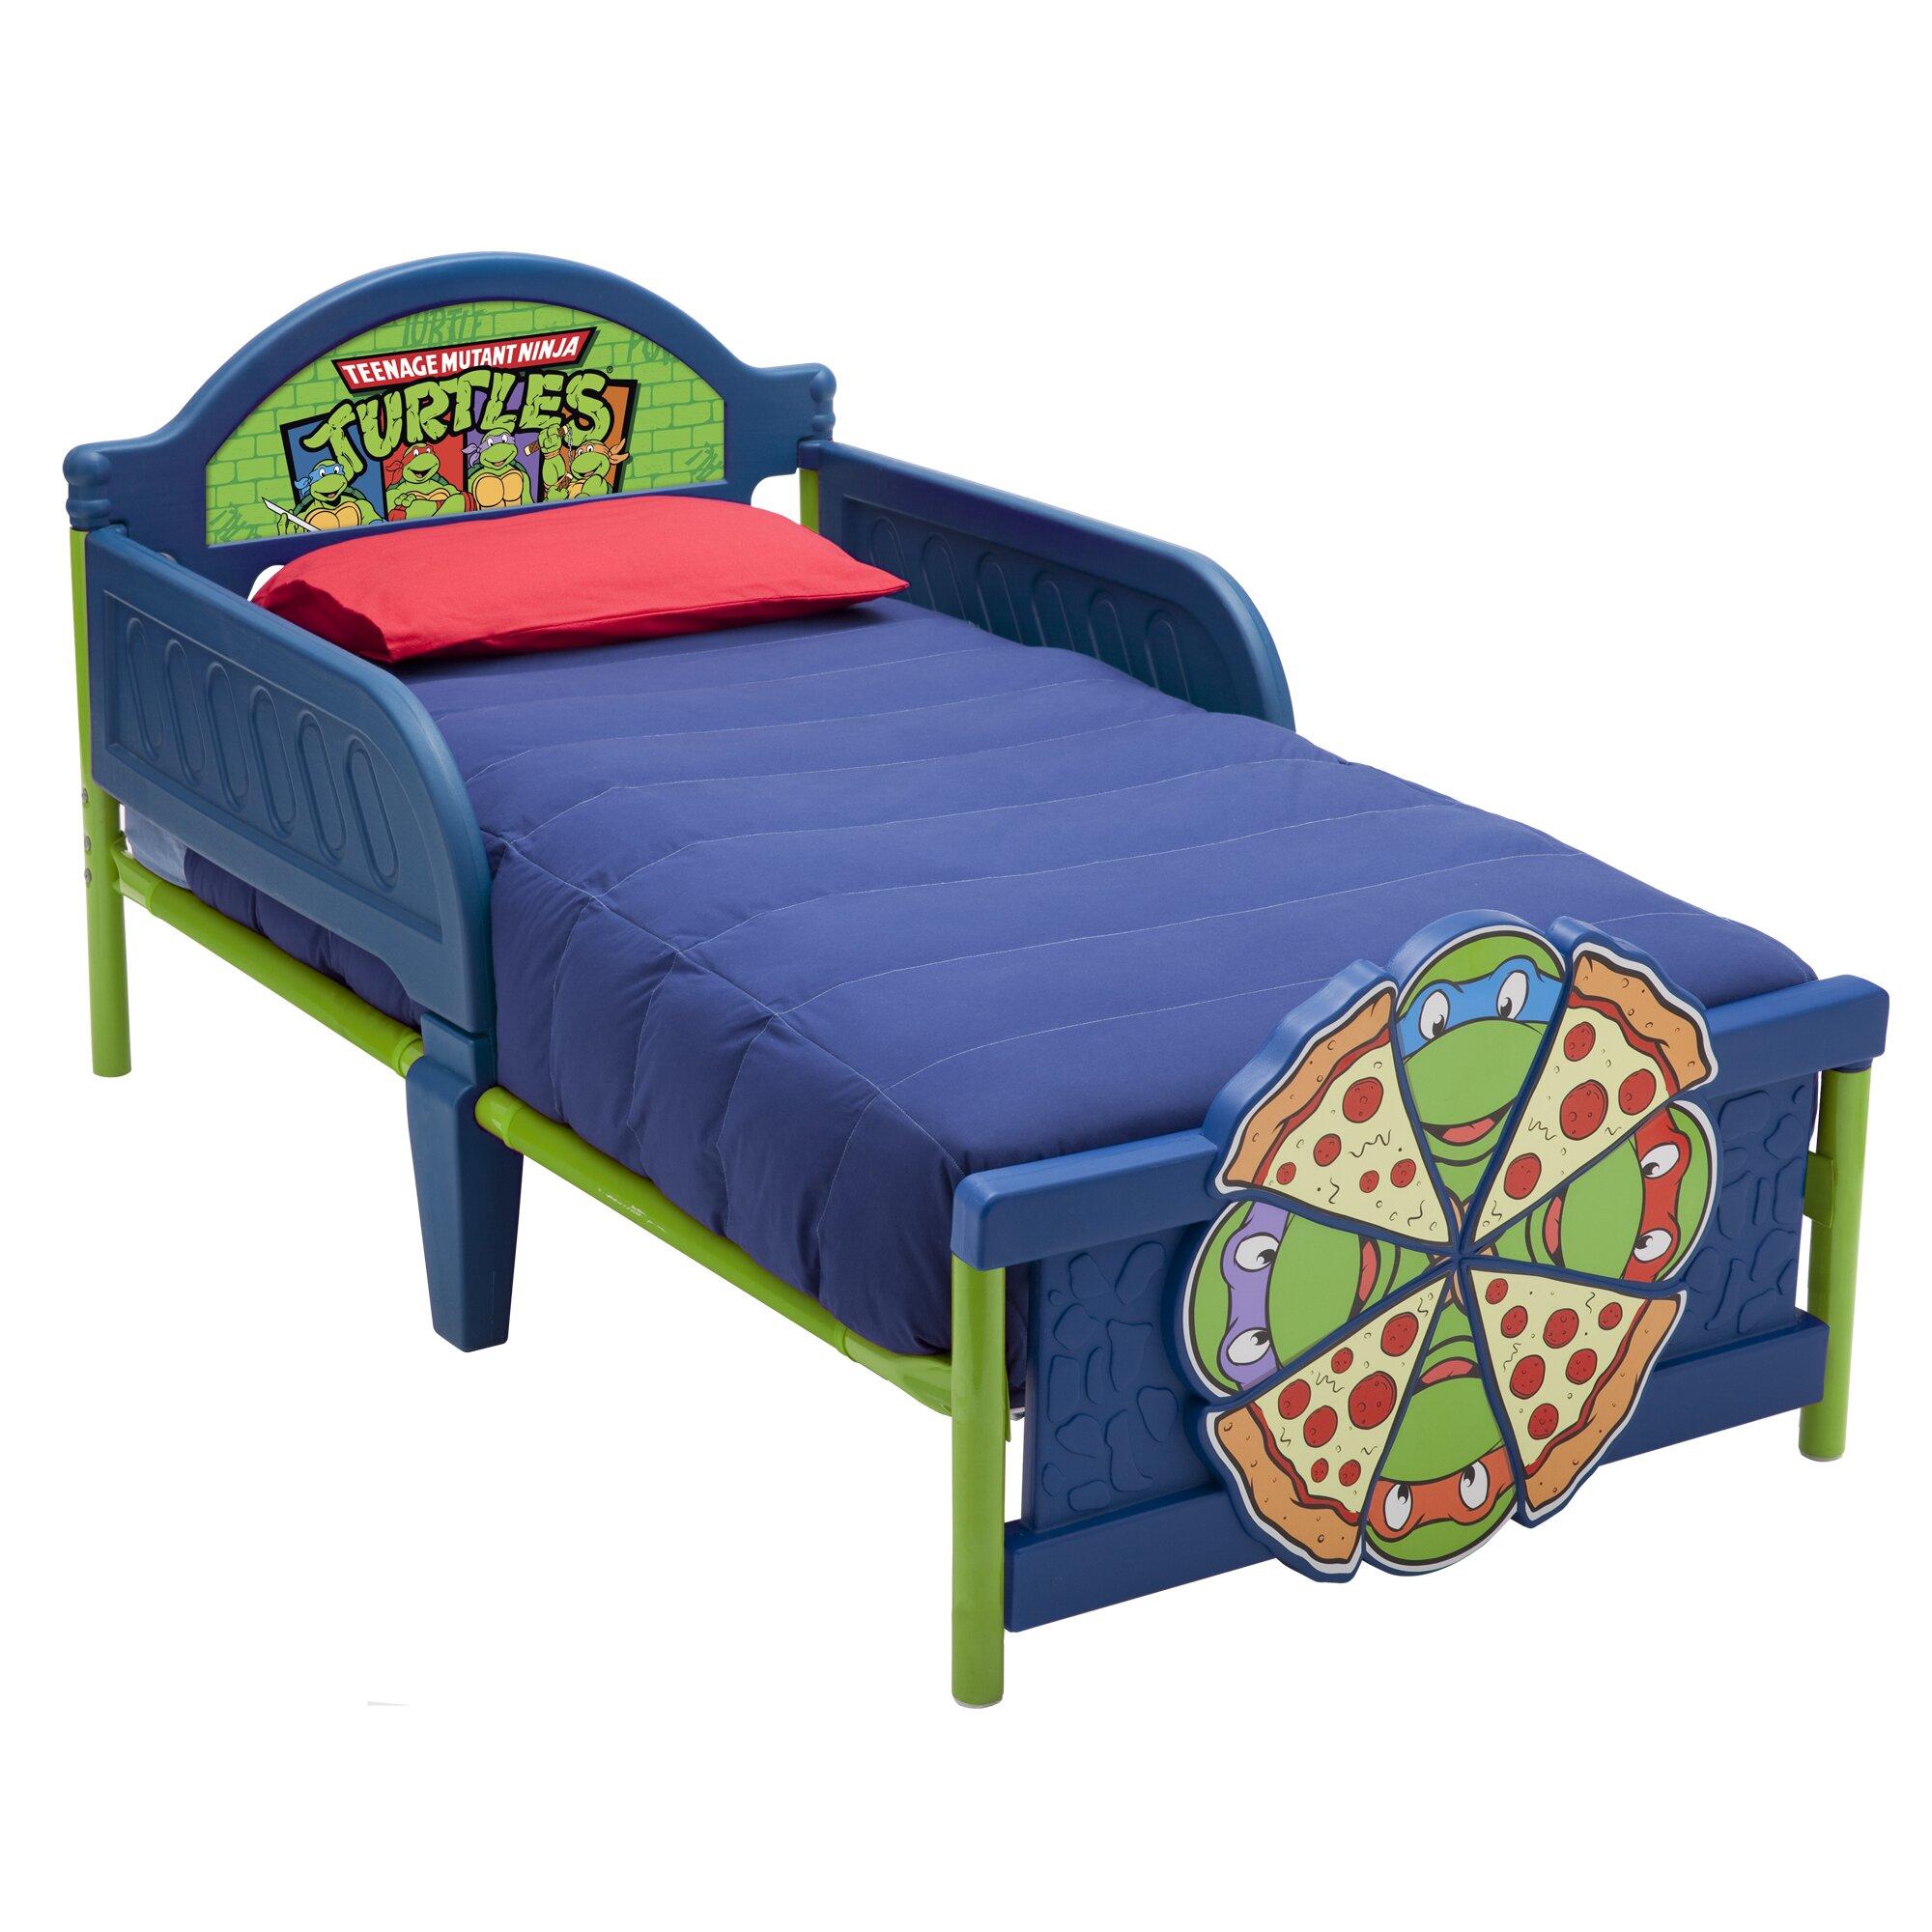 Tinkerbell Bedroom Furniture Delta Children Ninja Turtles Convertible Toddler Bed